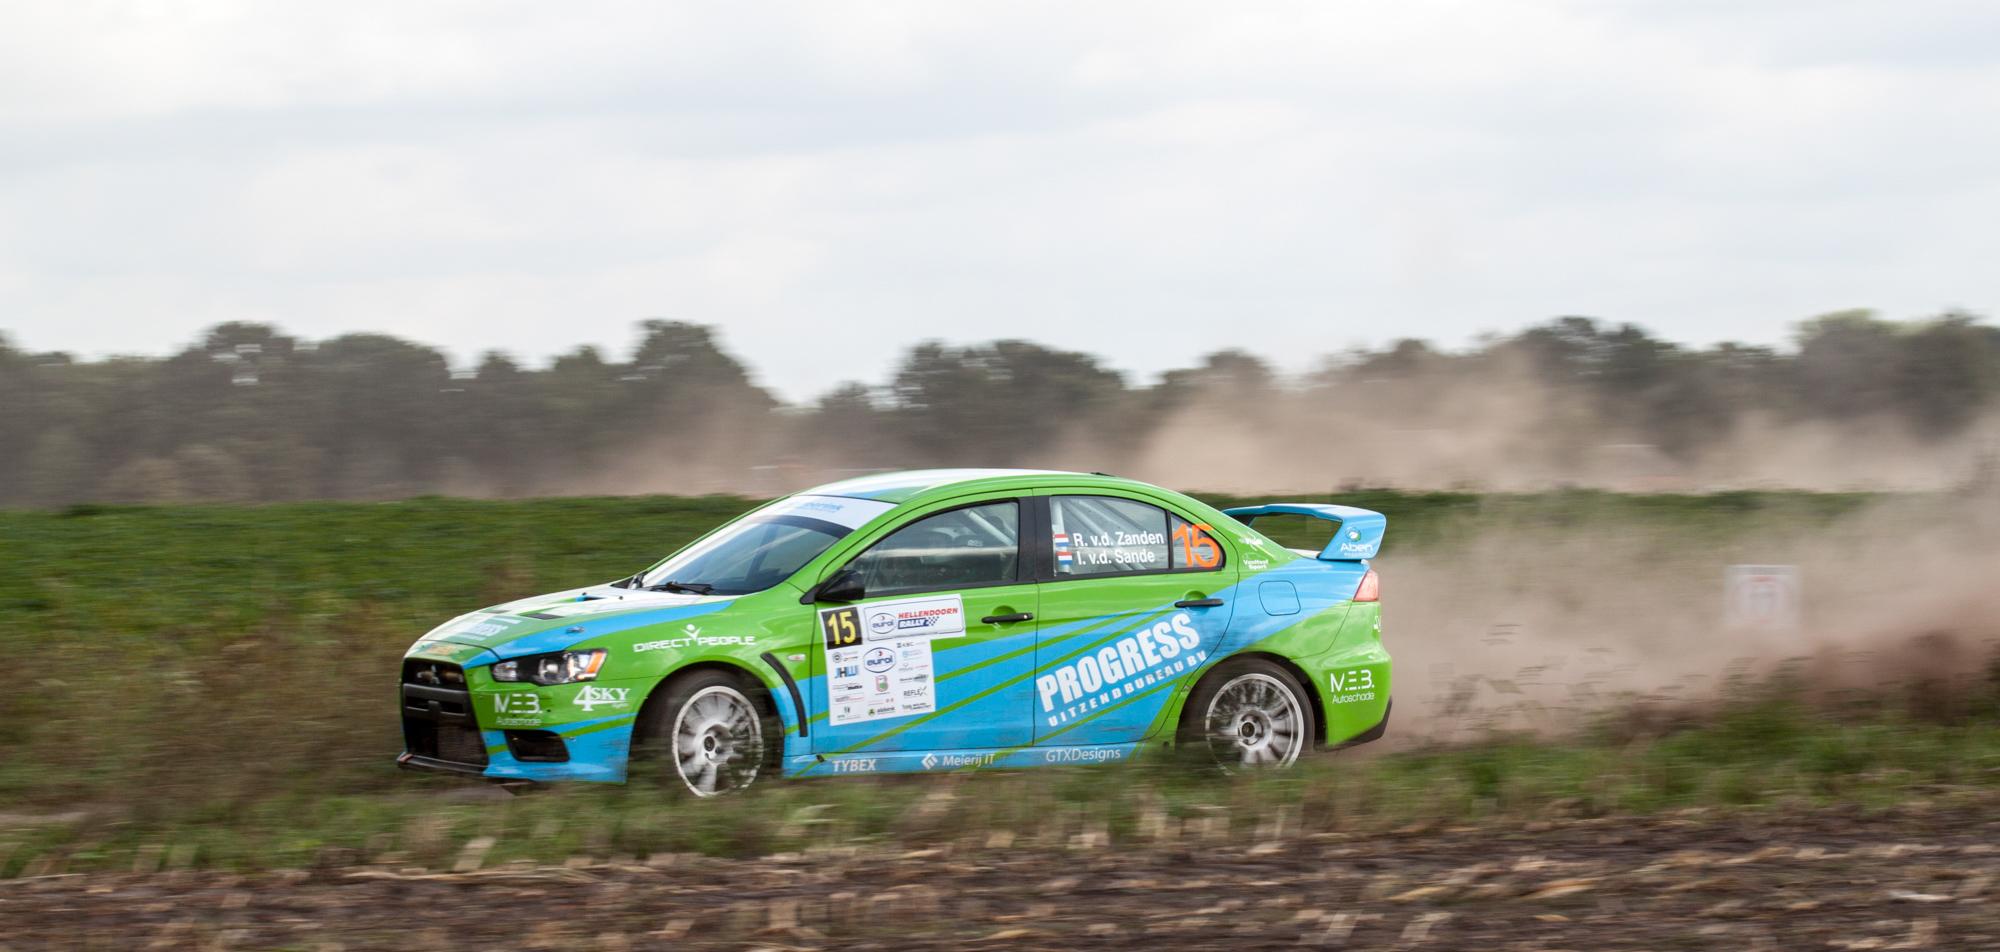 Wisselend succes voor VDZ Racing in Hellendoorn Rally